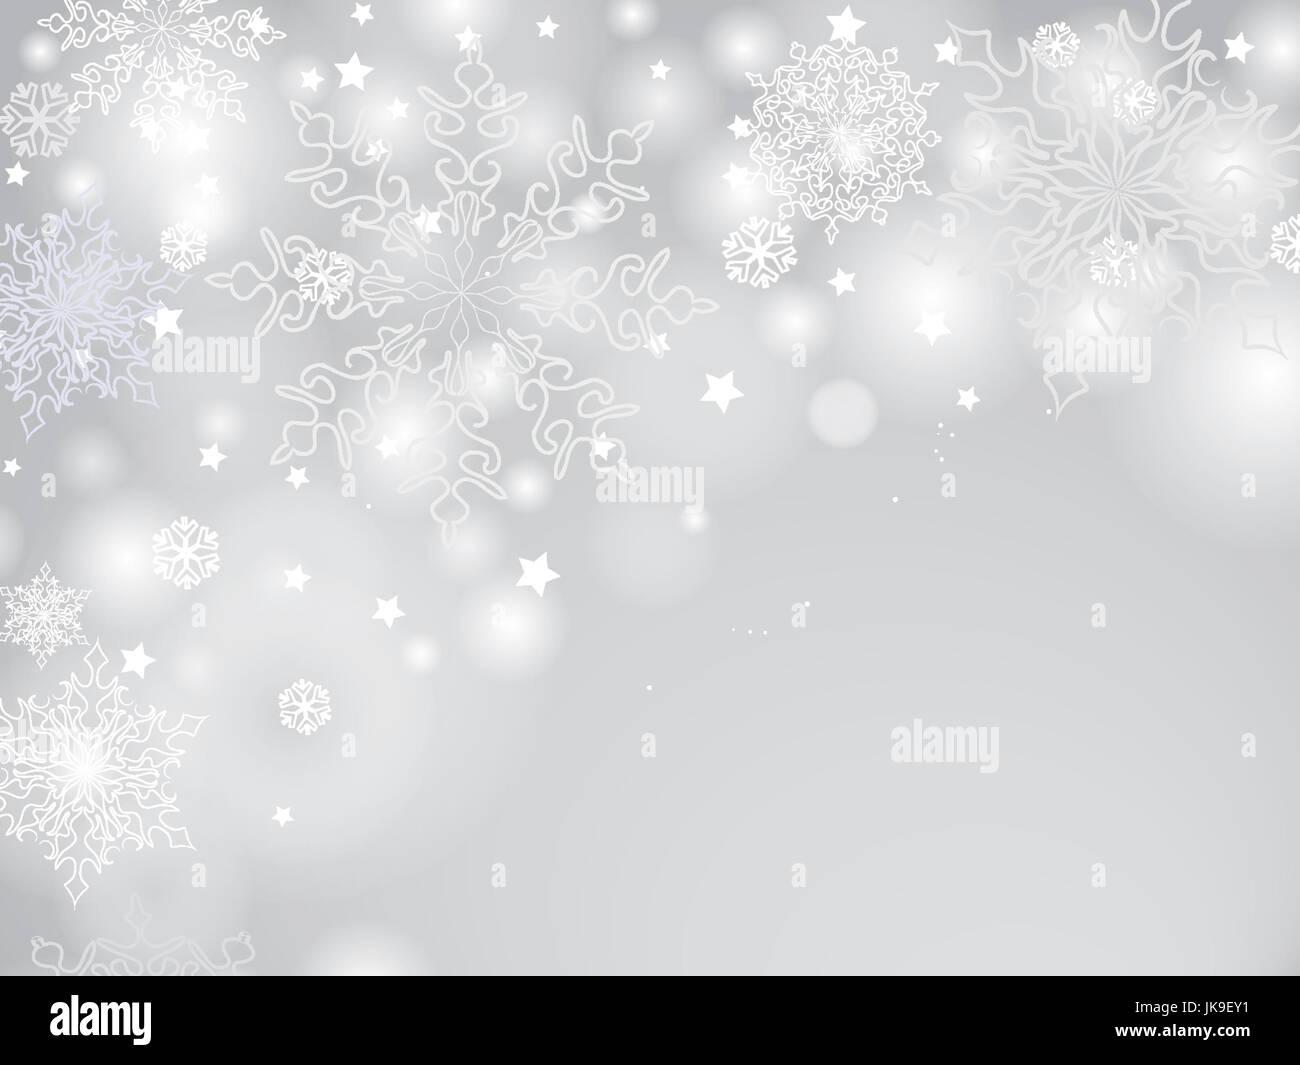 Weihnachten Hintergrund mit Schneeflocken, Weihnachtsbaum und ...